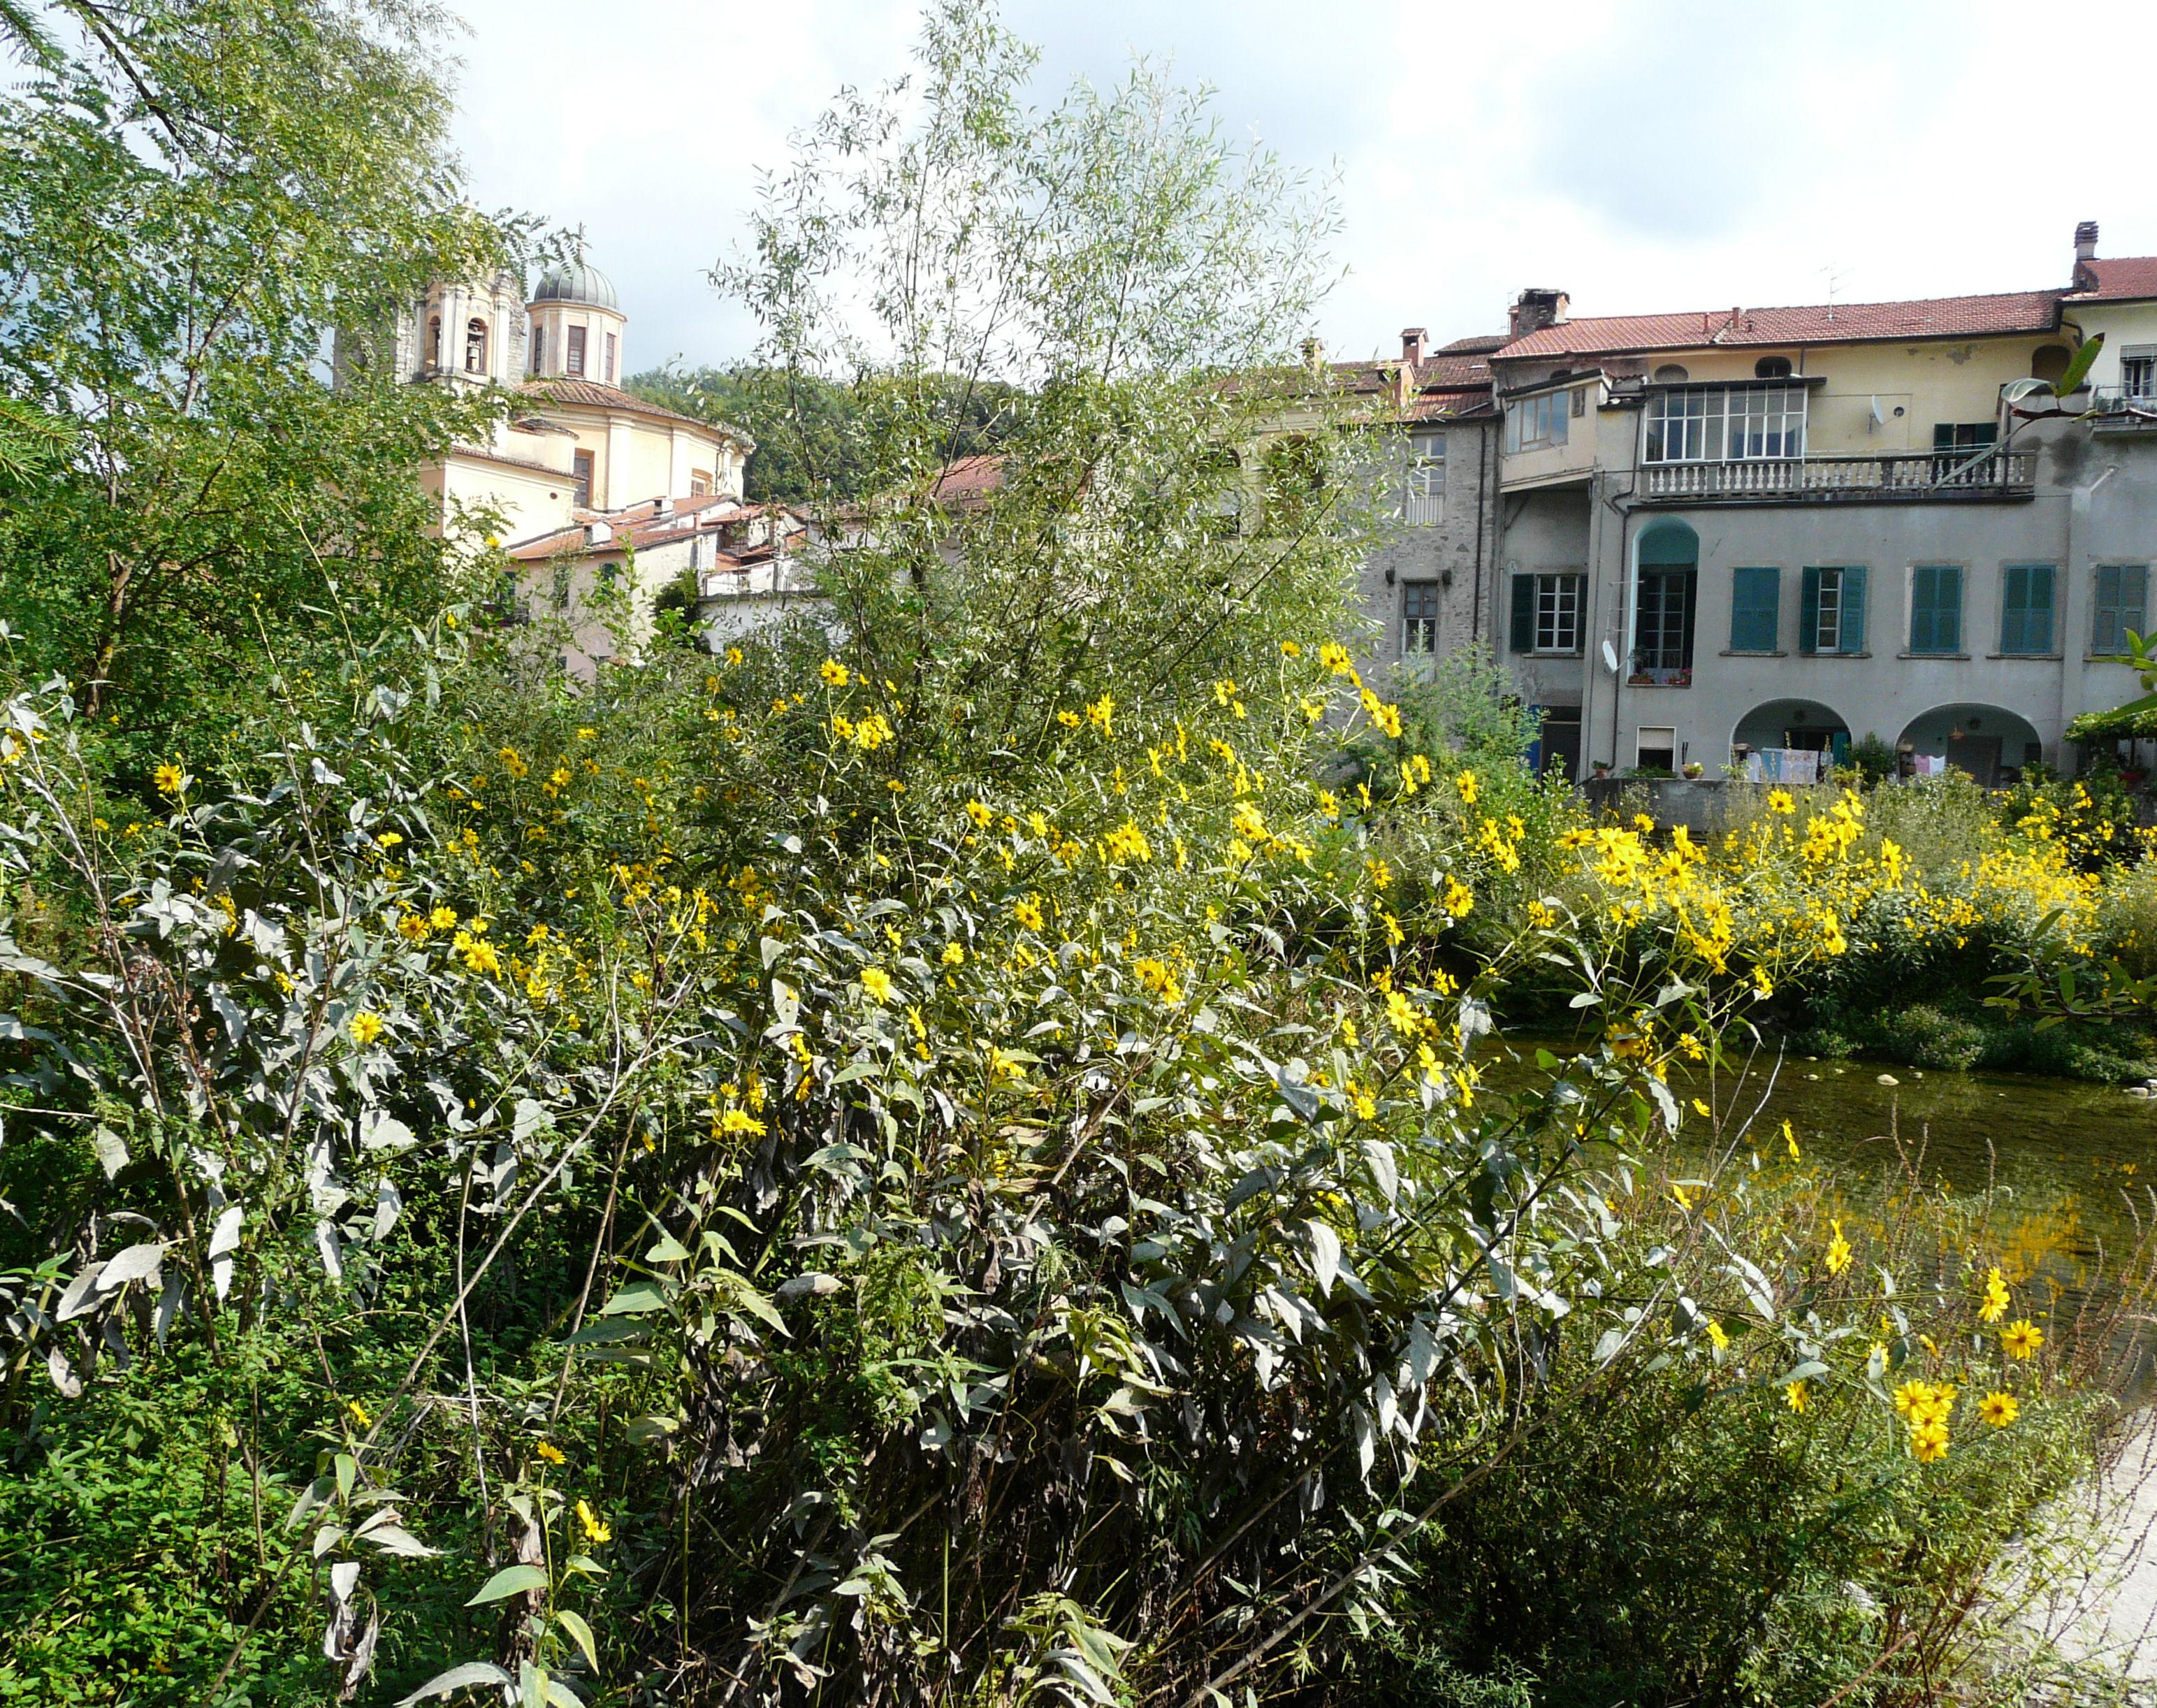 © Dipartimento di Scienze della Vita, Università degli Studi di Trieste<br>by Andrea Moro<br>Comune di Pontremoli, lungo il fiume, MS, Toscana, Italia, 21/09/2008<br>Distributed under CC-BY-SA 4.0 license.